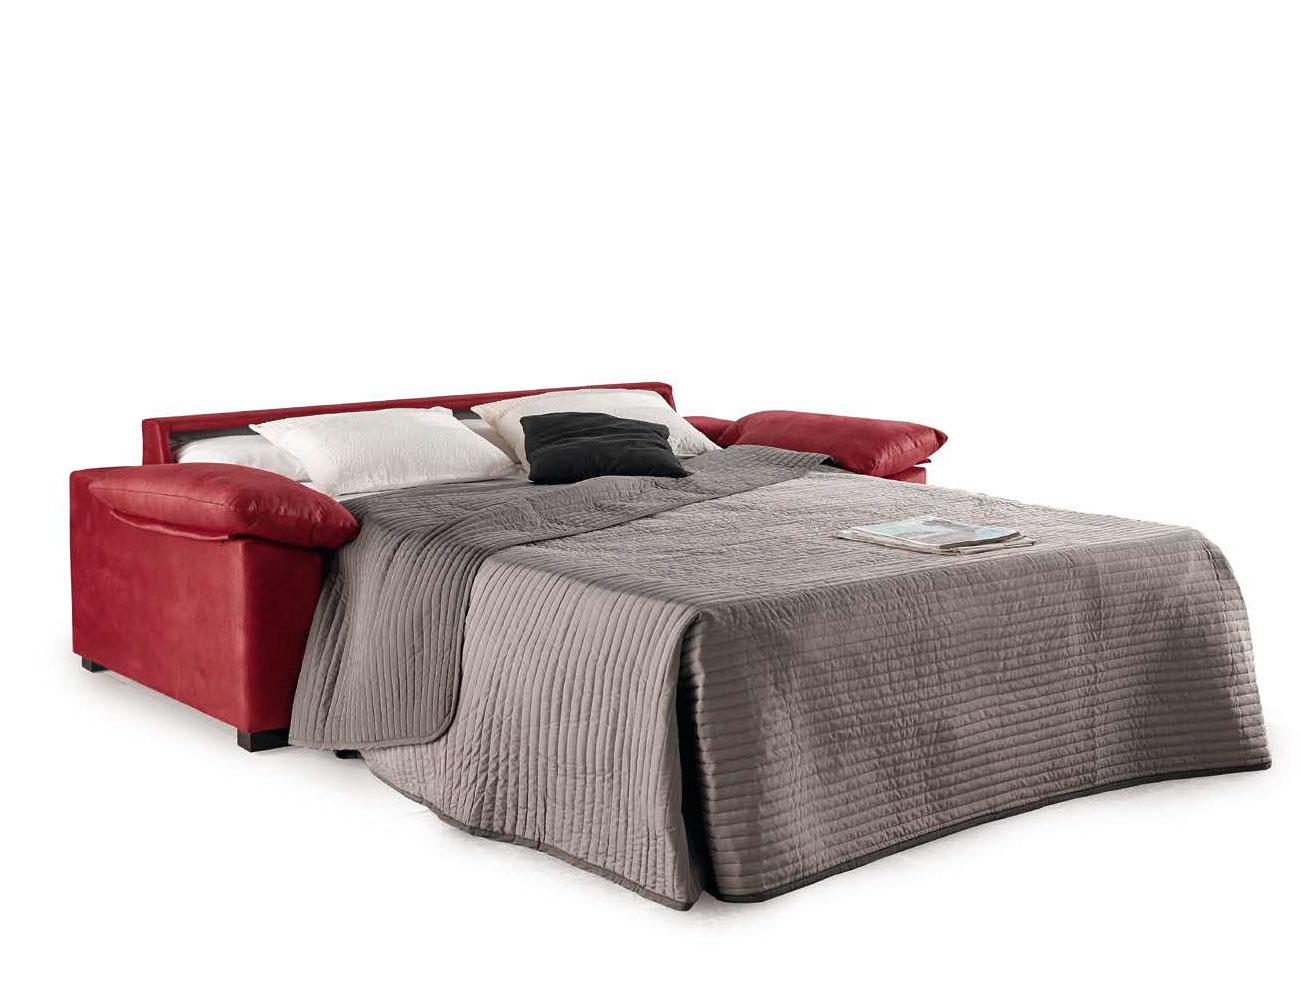 Sofa cama apertura italiano gran calidad leire rojo abierto